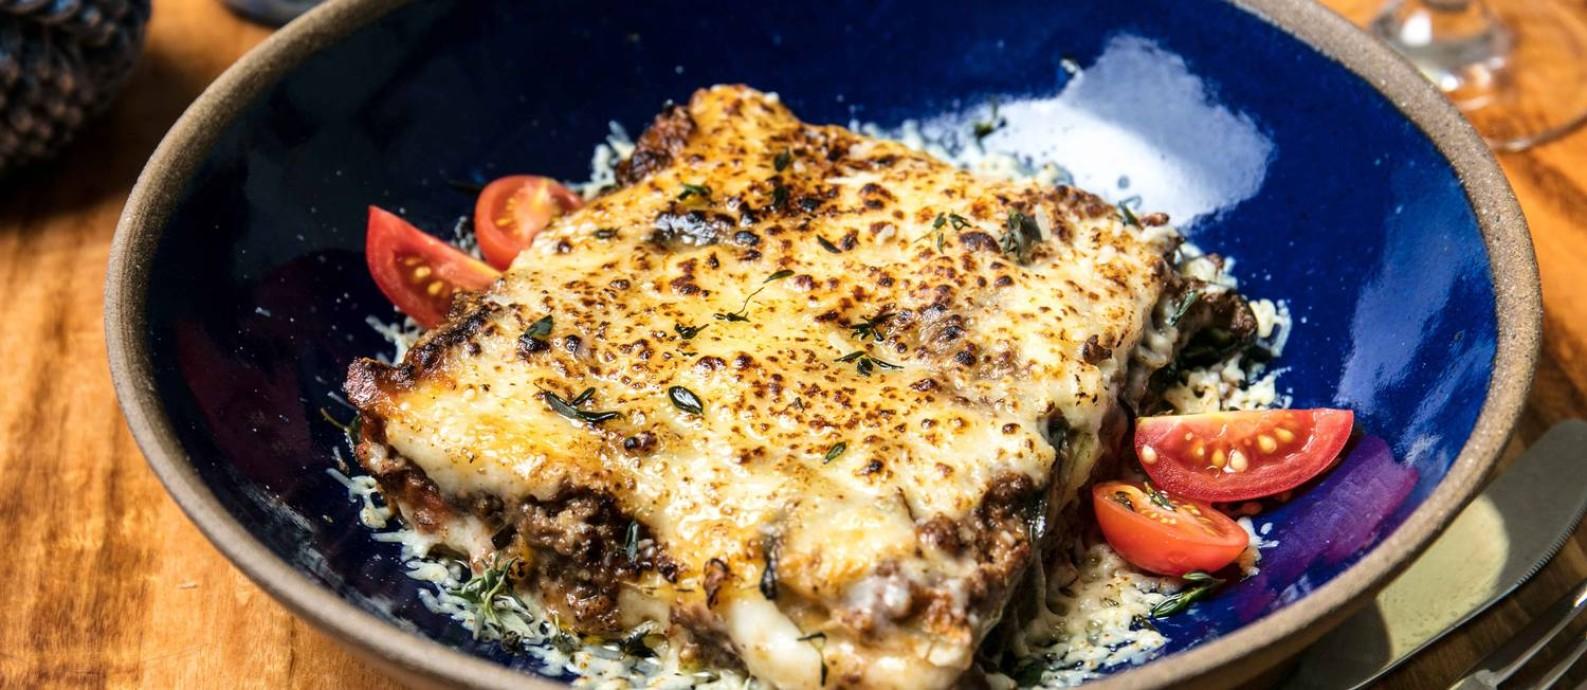 O mais tradicional dos pratos gregos, moussaka (no Vokos): finas fatias de berinjela, batata com ragout de carne e molho bechamel Foto: Divulgação/Tomas Rangel